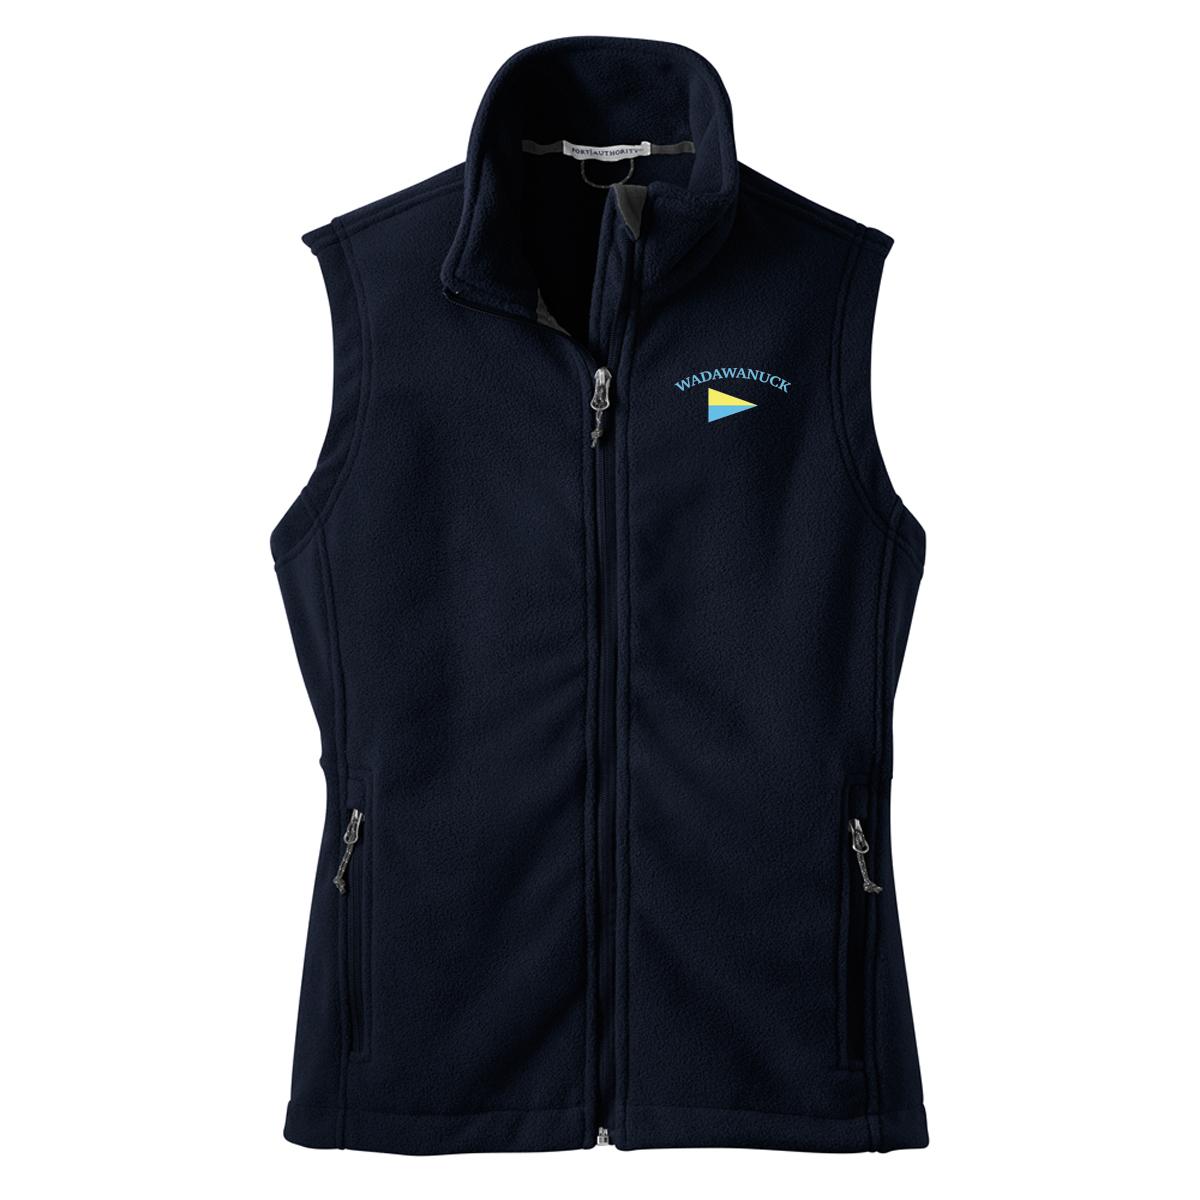 Wadawanuck  - Women's Fleece Vest